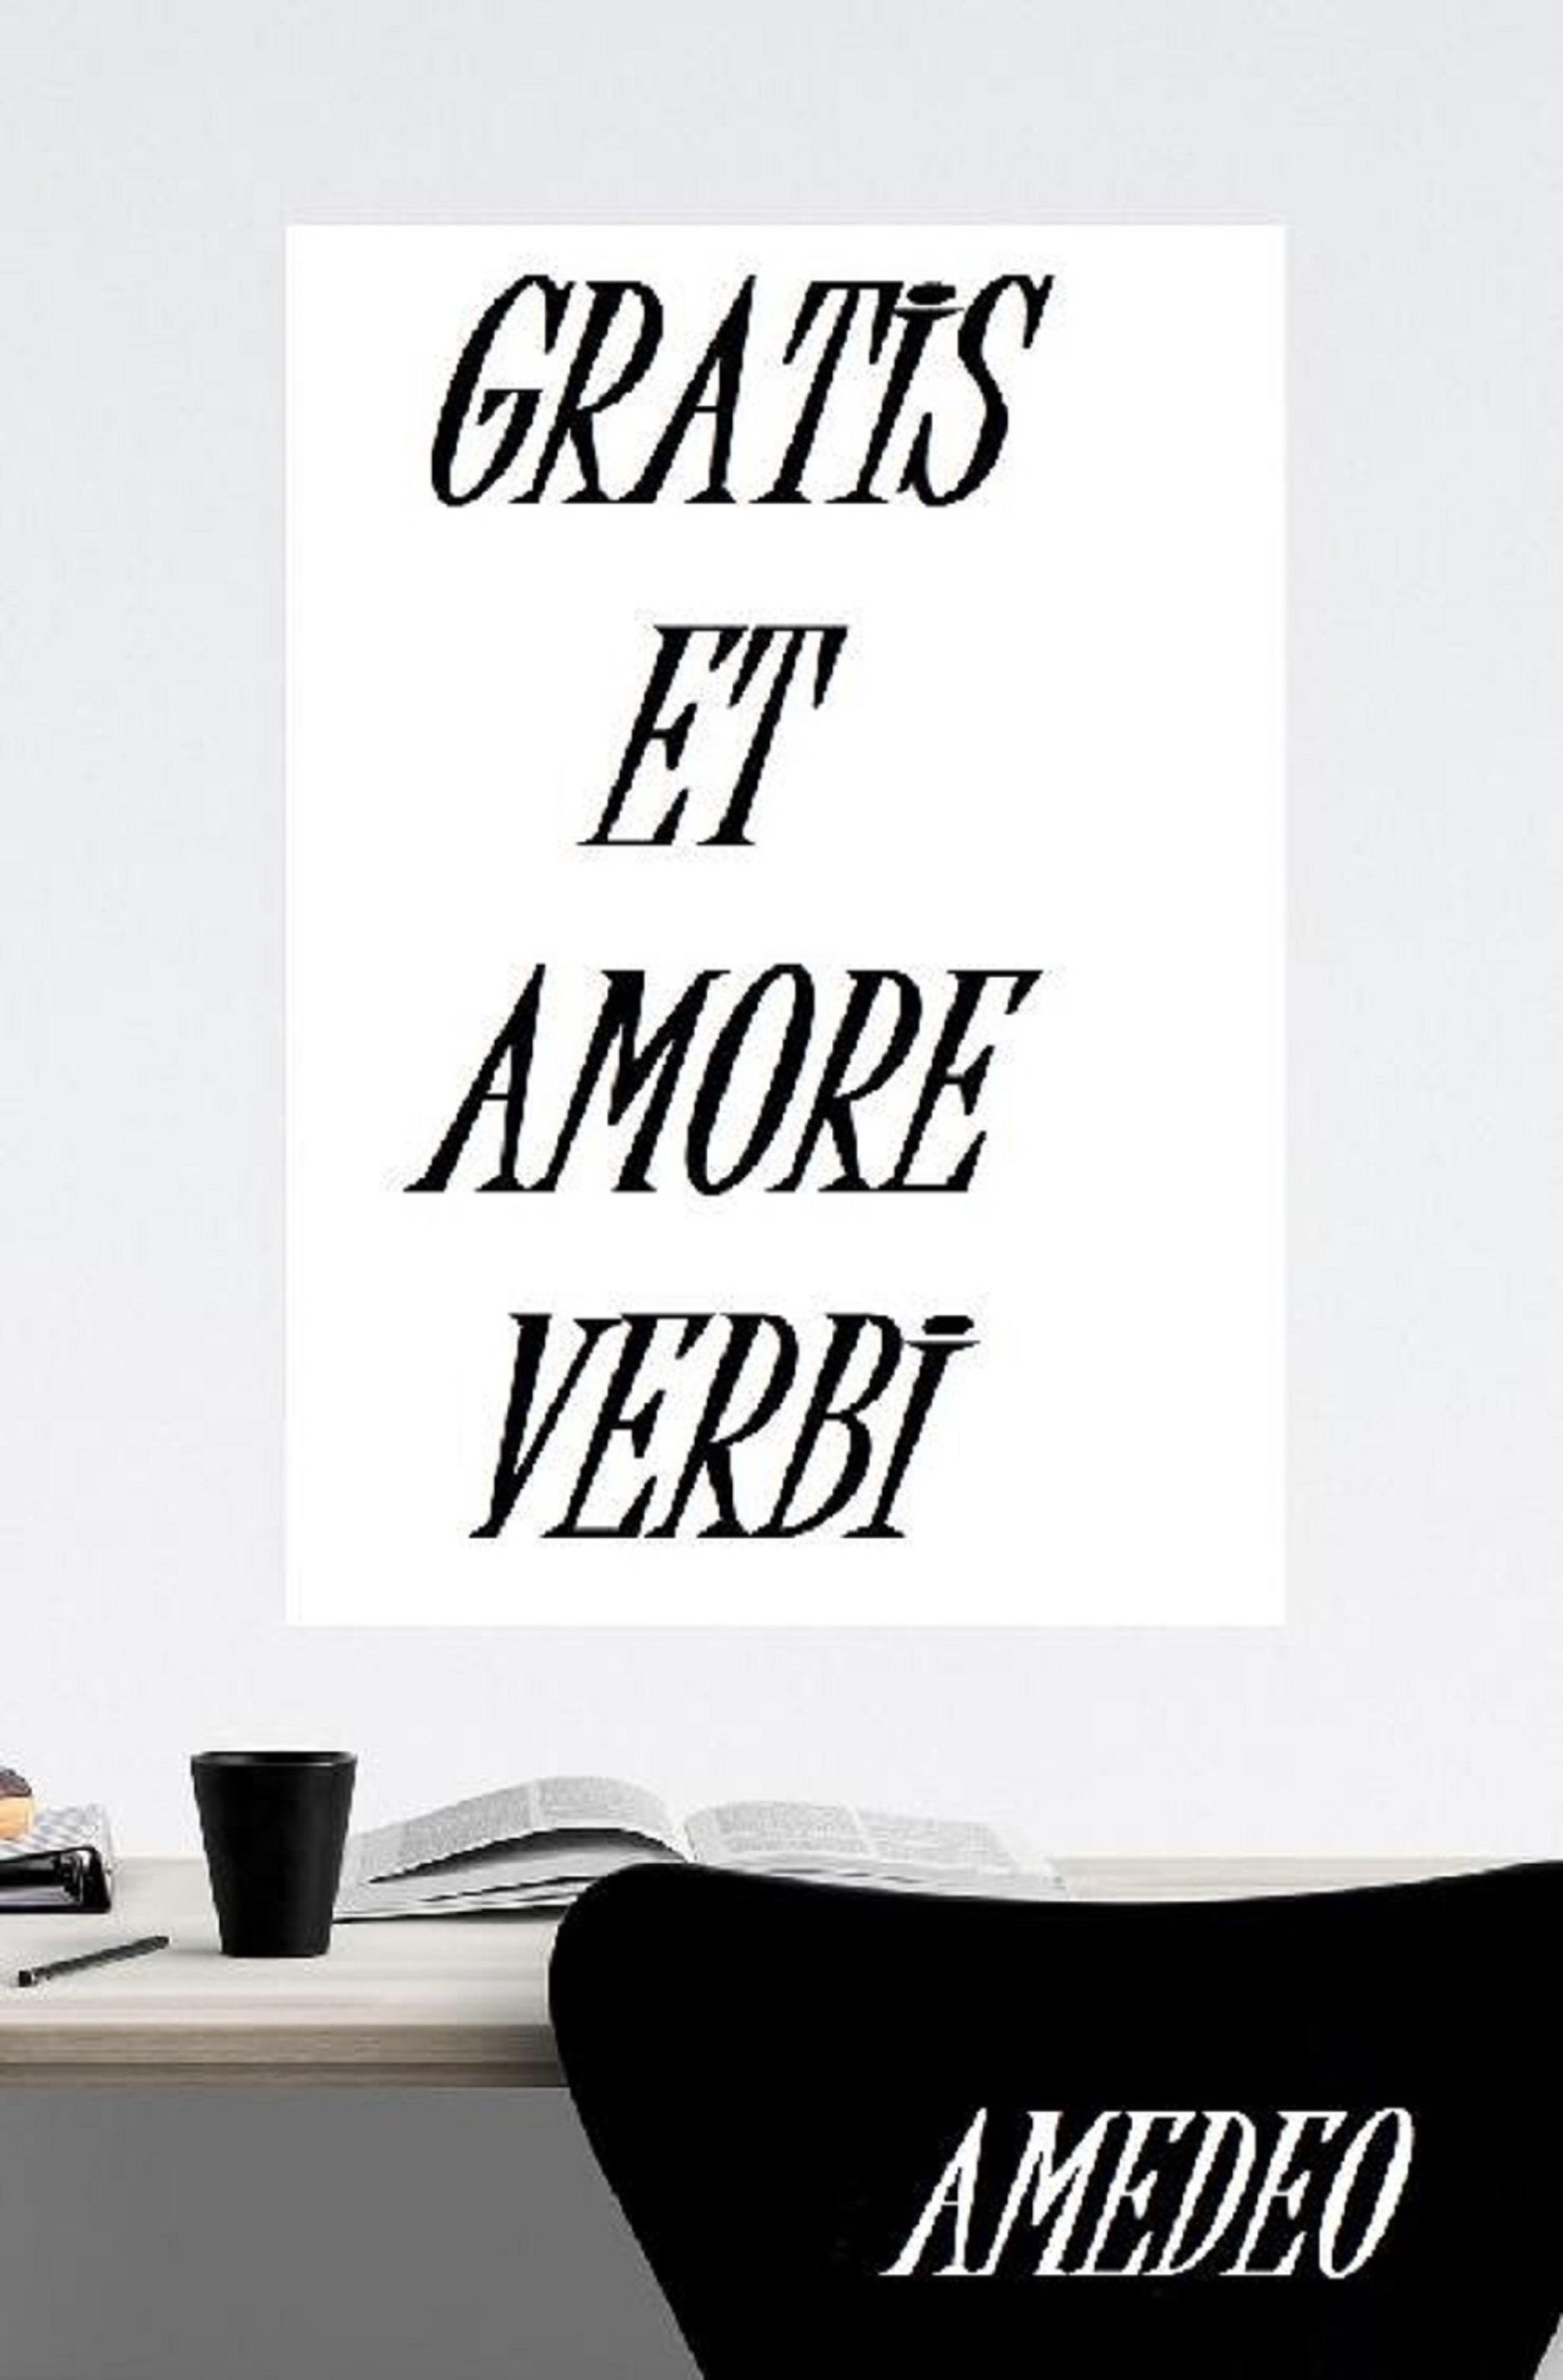 Gratis et amore verbi